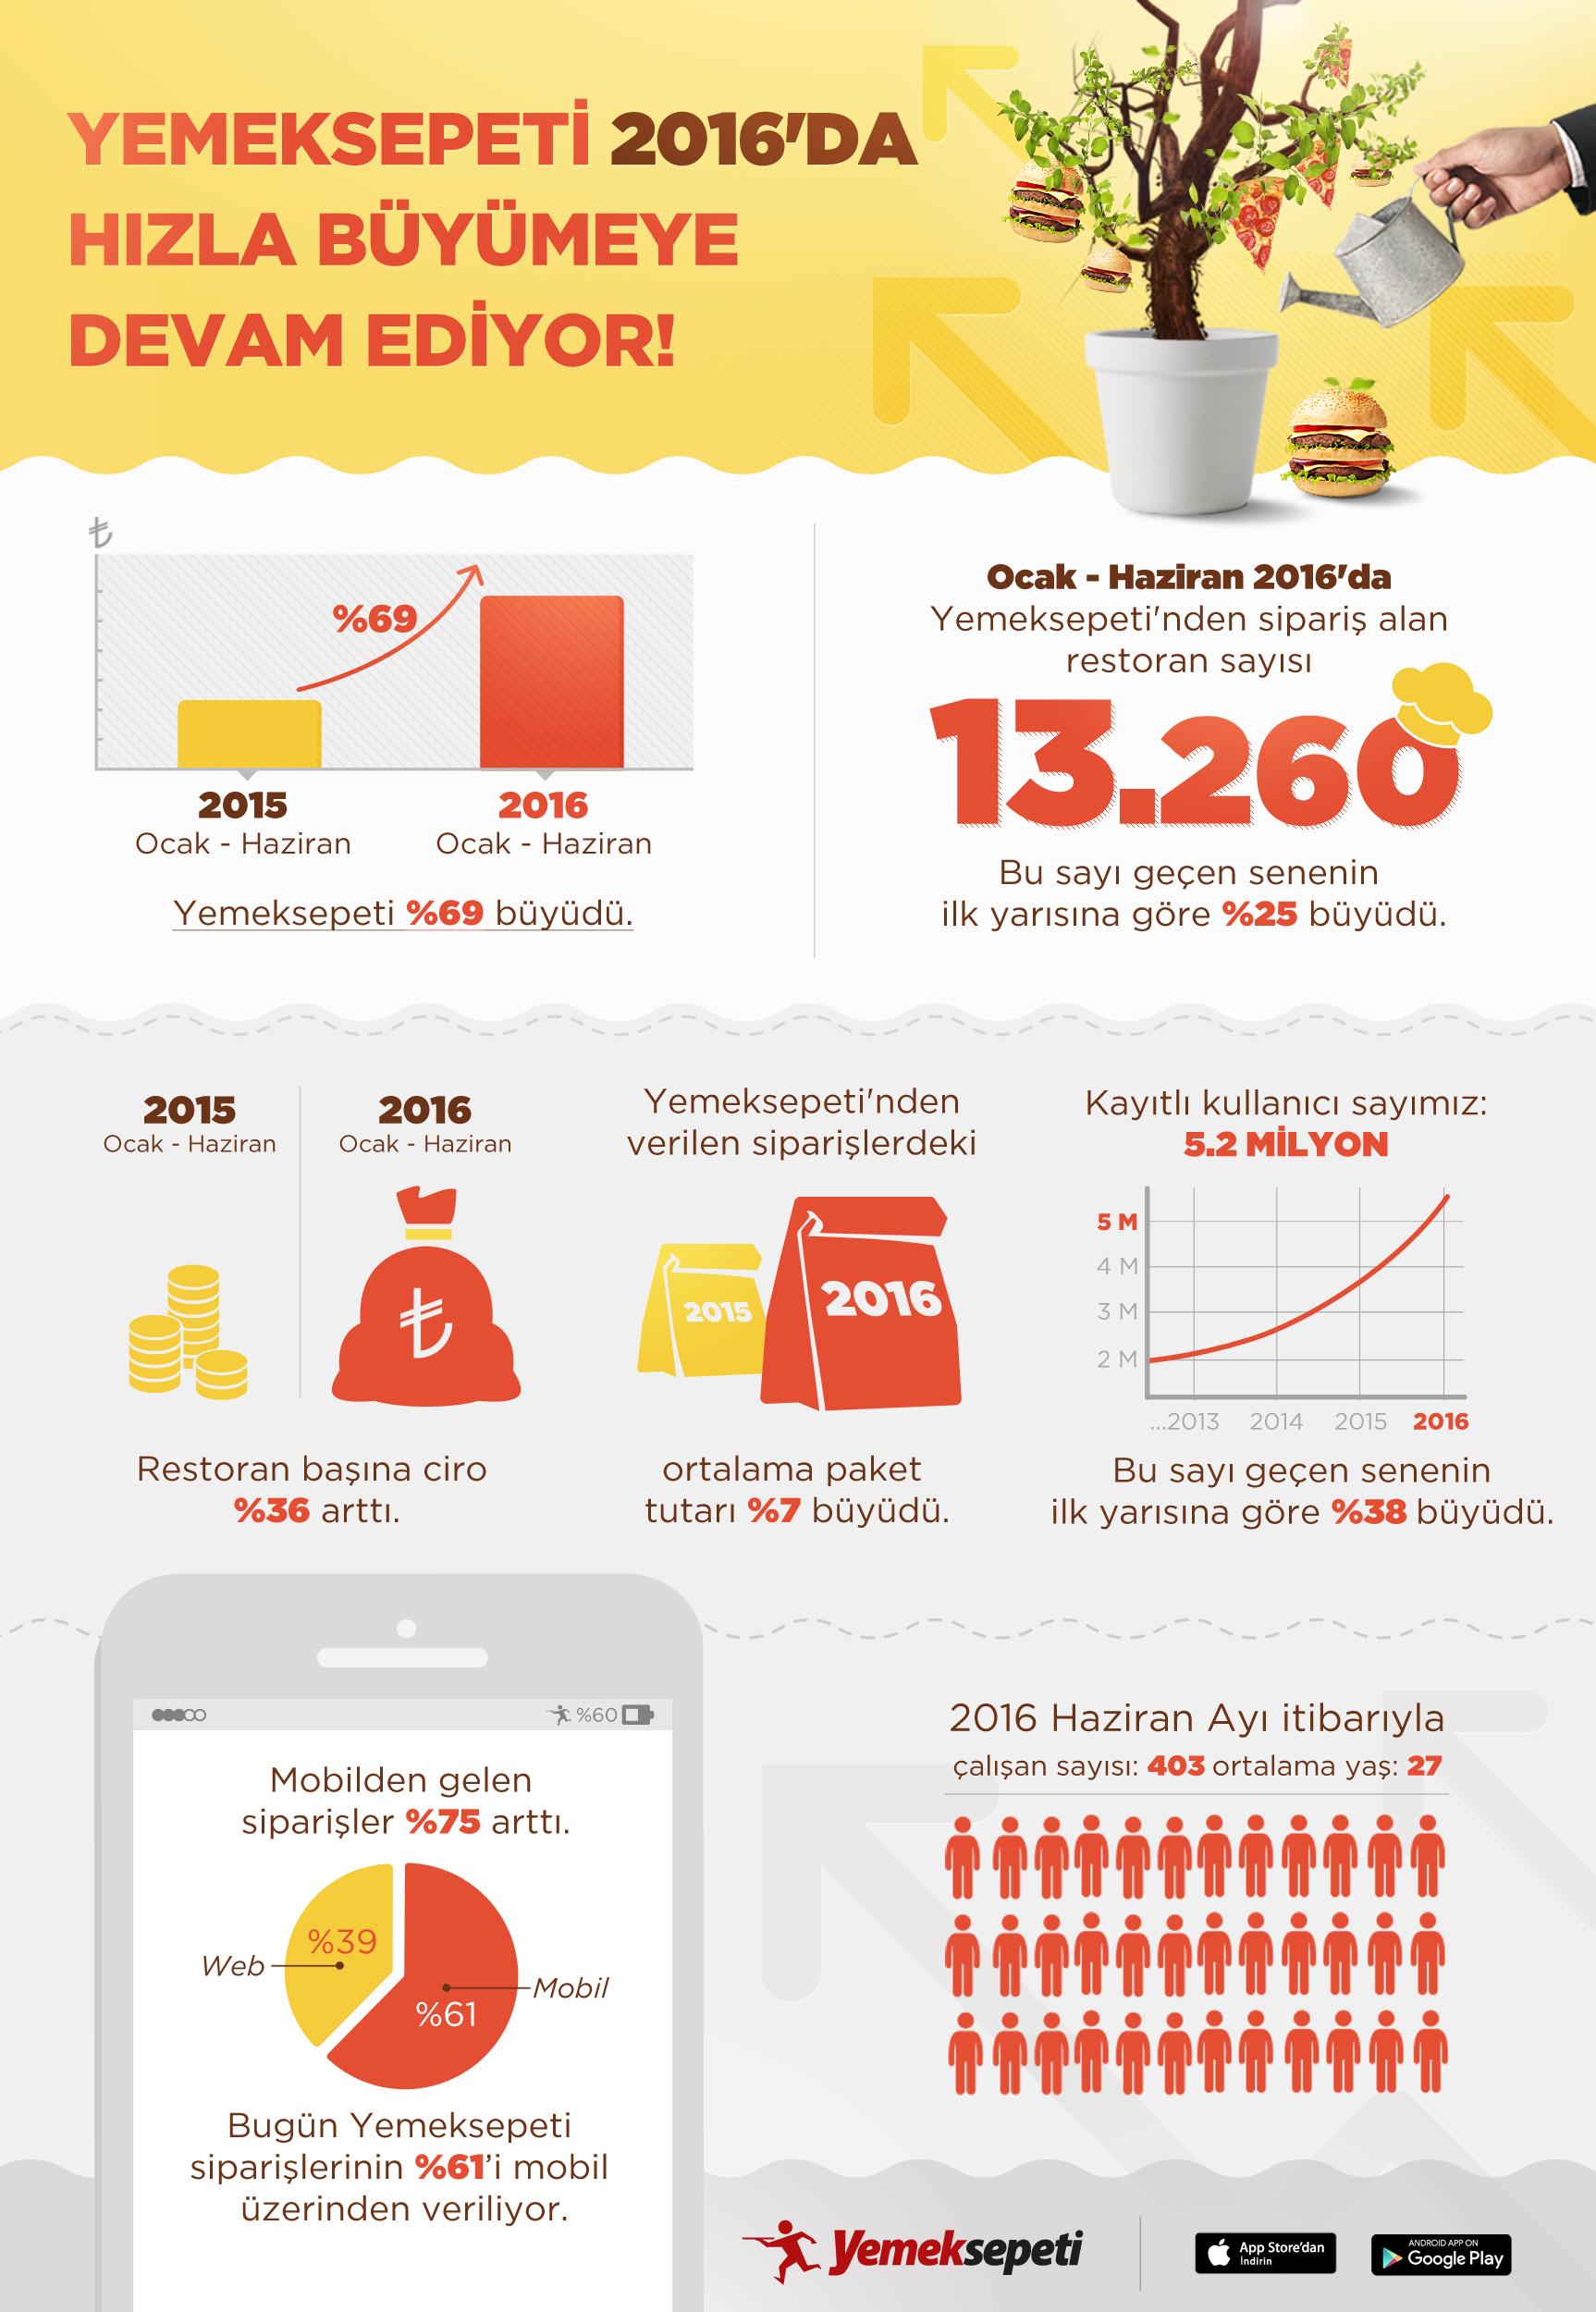 Yemeksepeti_BuyumeRakamlari_infografik